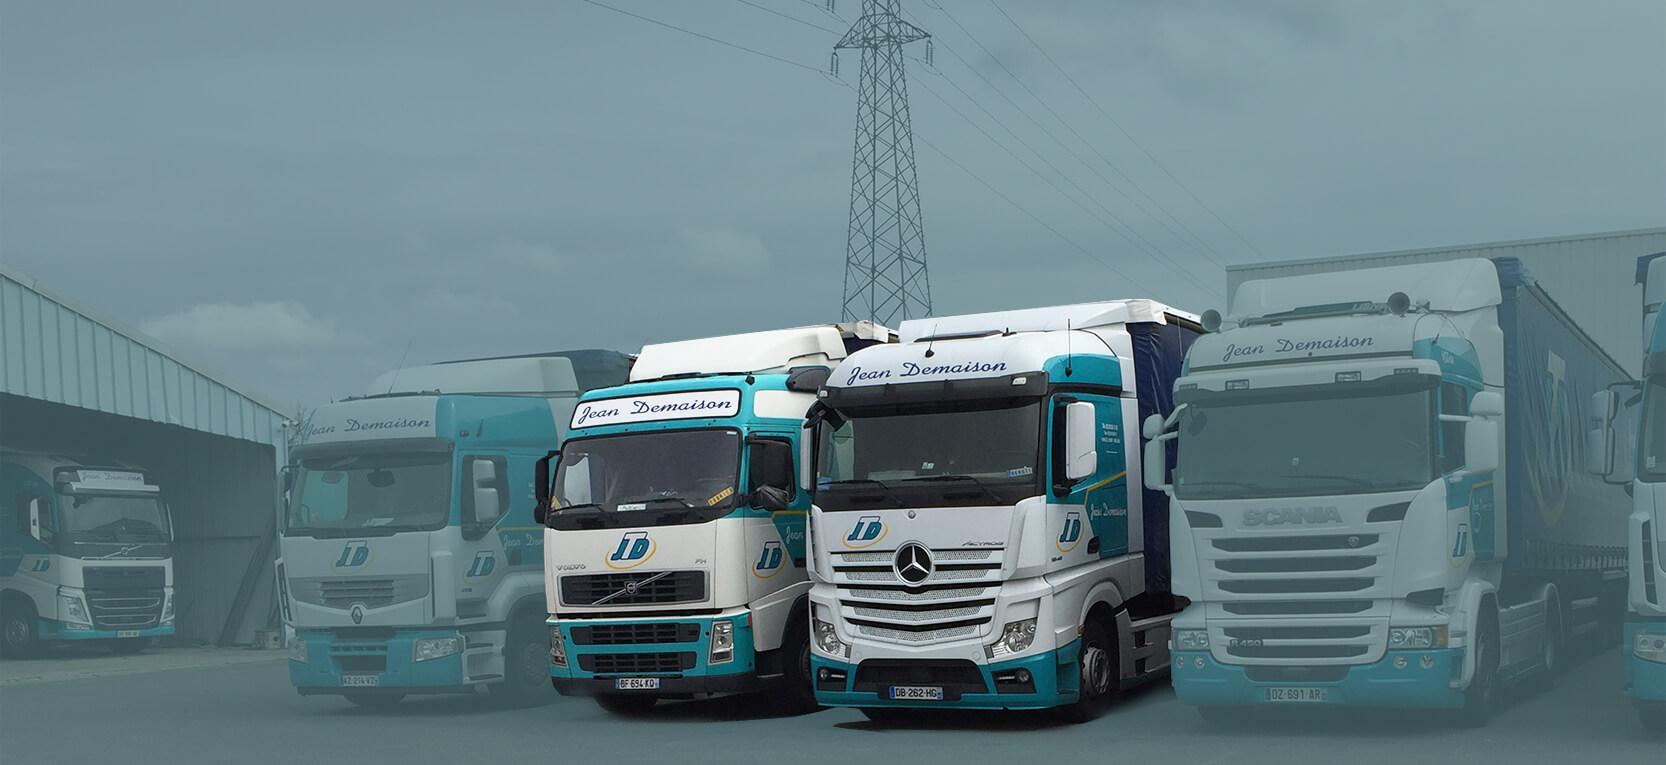 Camions Jean Demaison